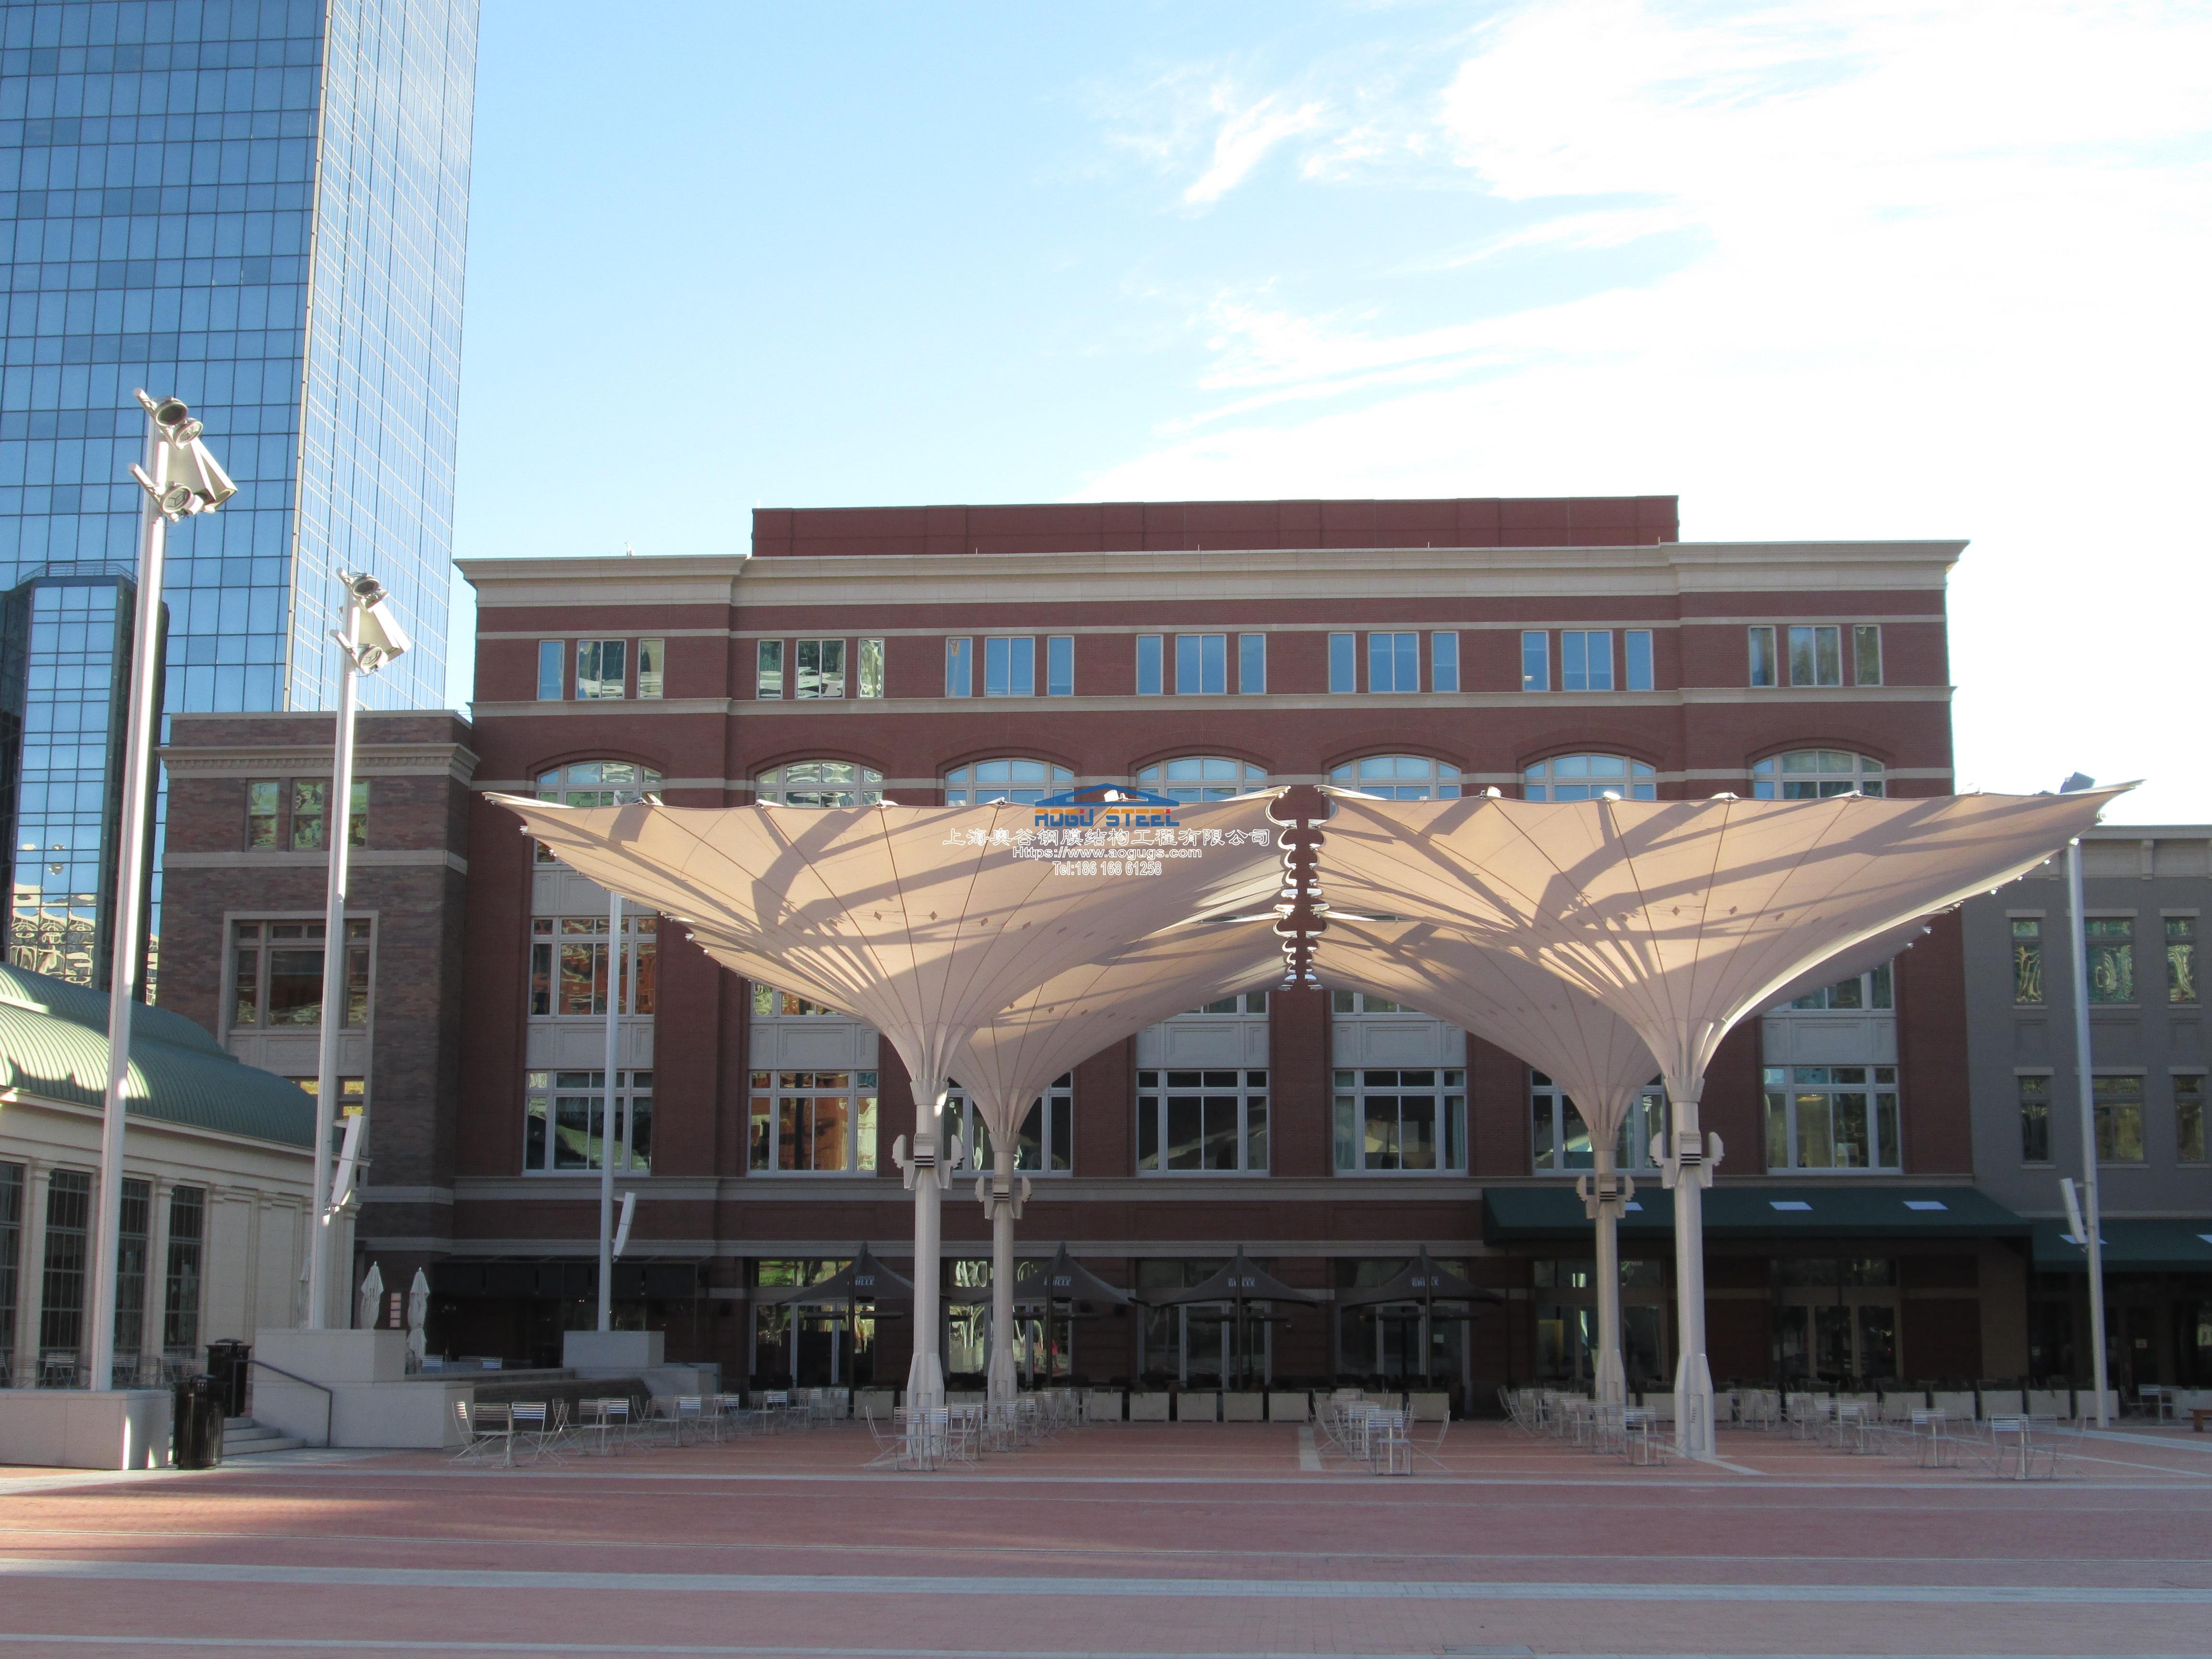 大型伸缩折叠开合式建筑雨伞视频资料